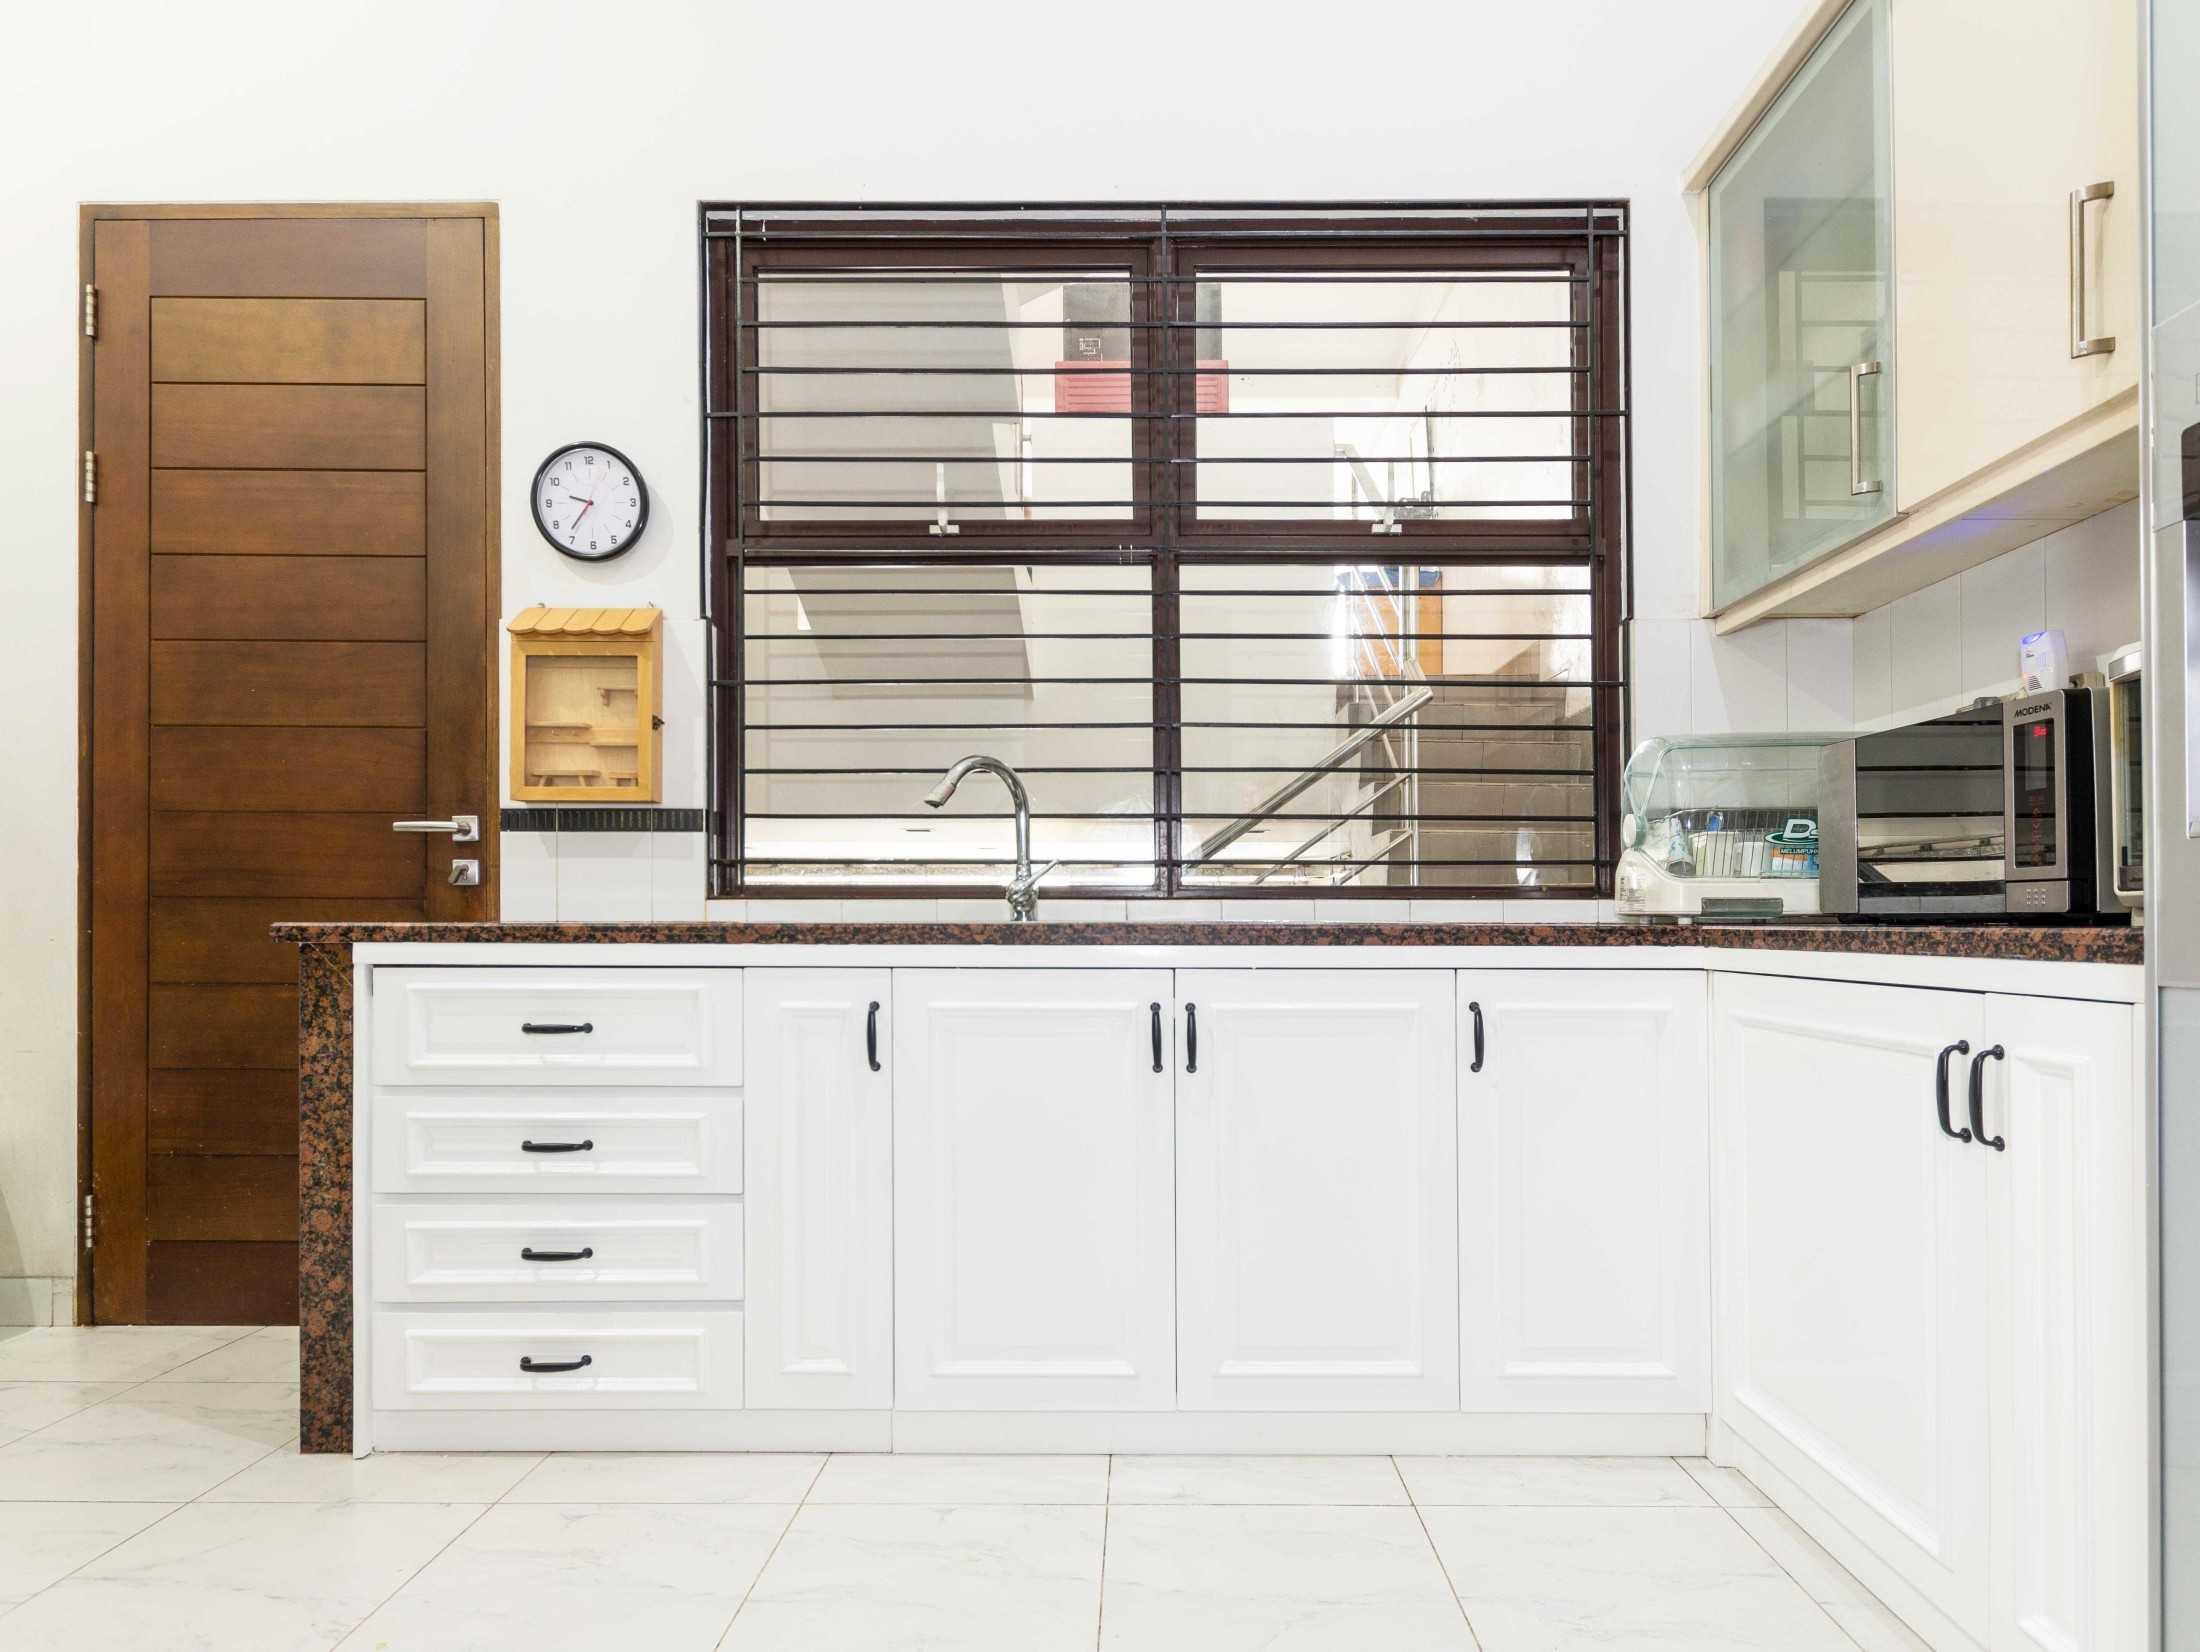 Total renov kitchen set for pluit residence jl pluit selatan raya rw 8